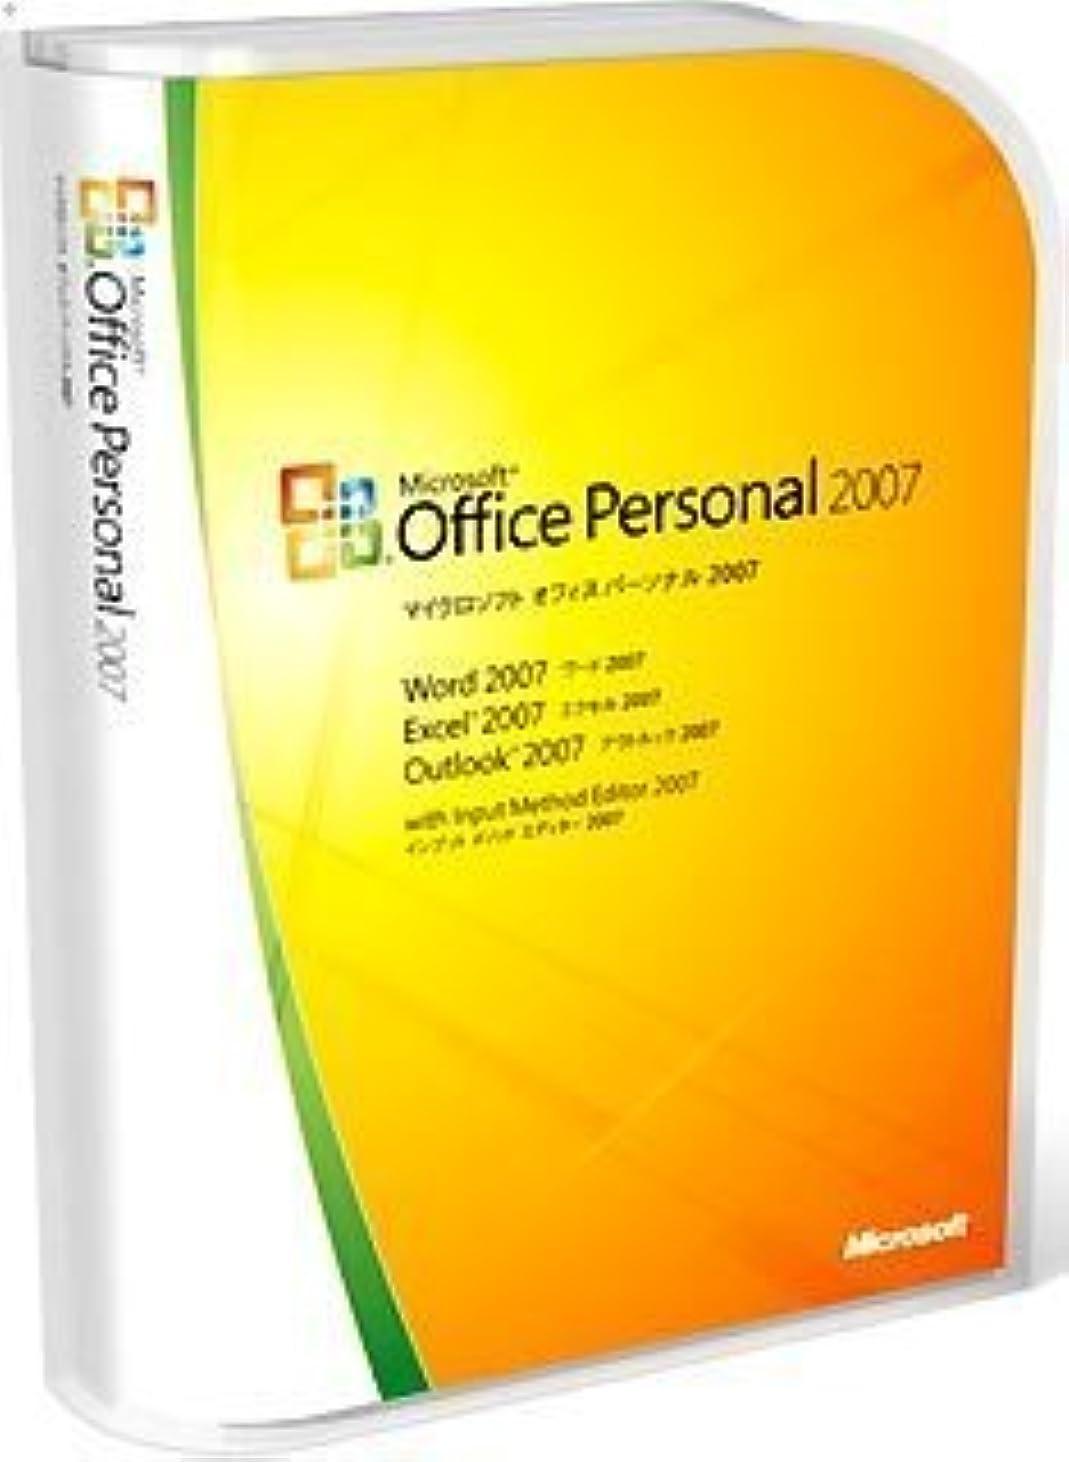 墓ふくろう硫黄【旧商品/メーカー出荷終了/サポート終了】Microsoft  Office 2007 Personal